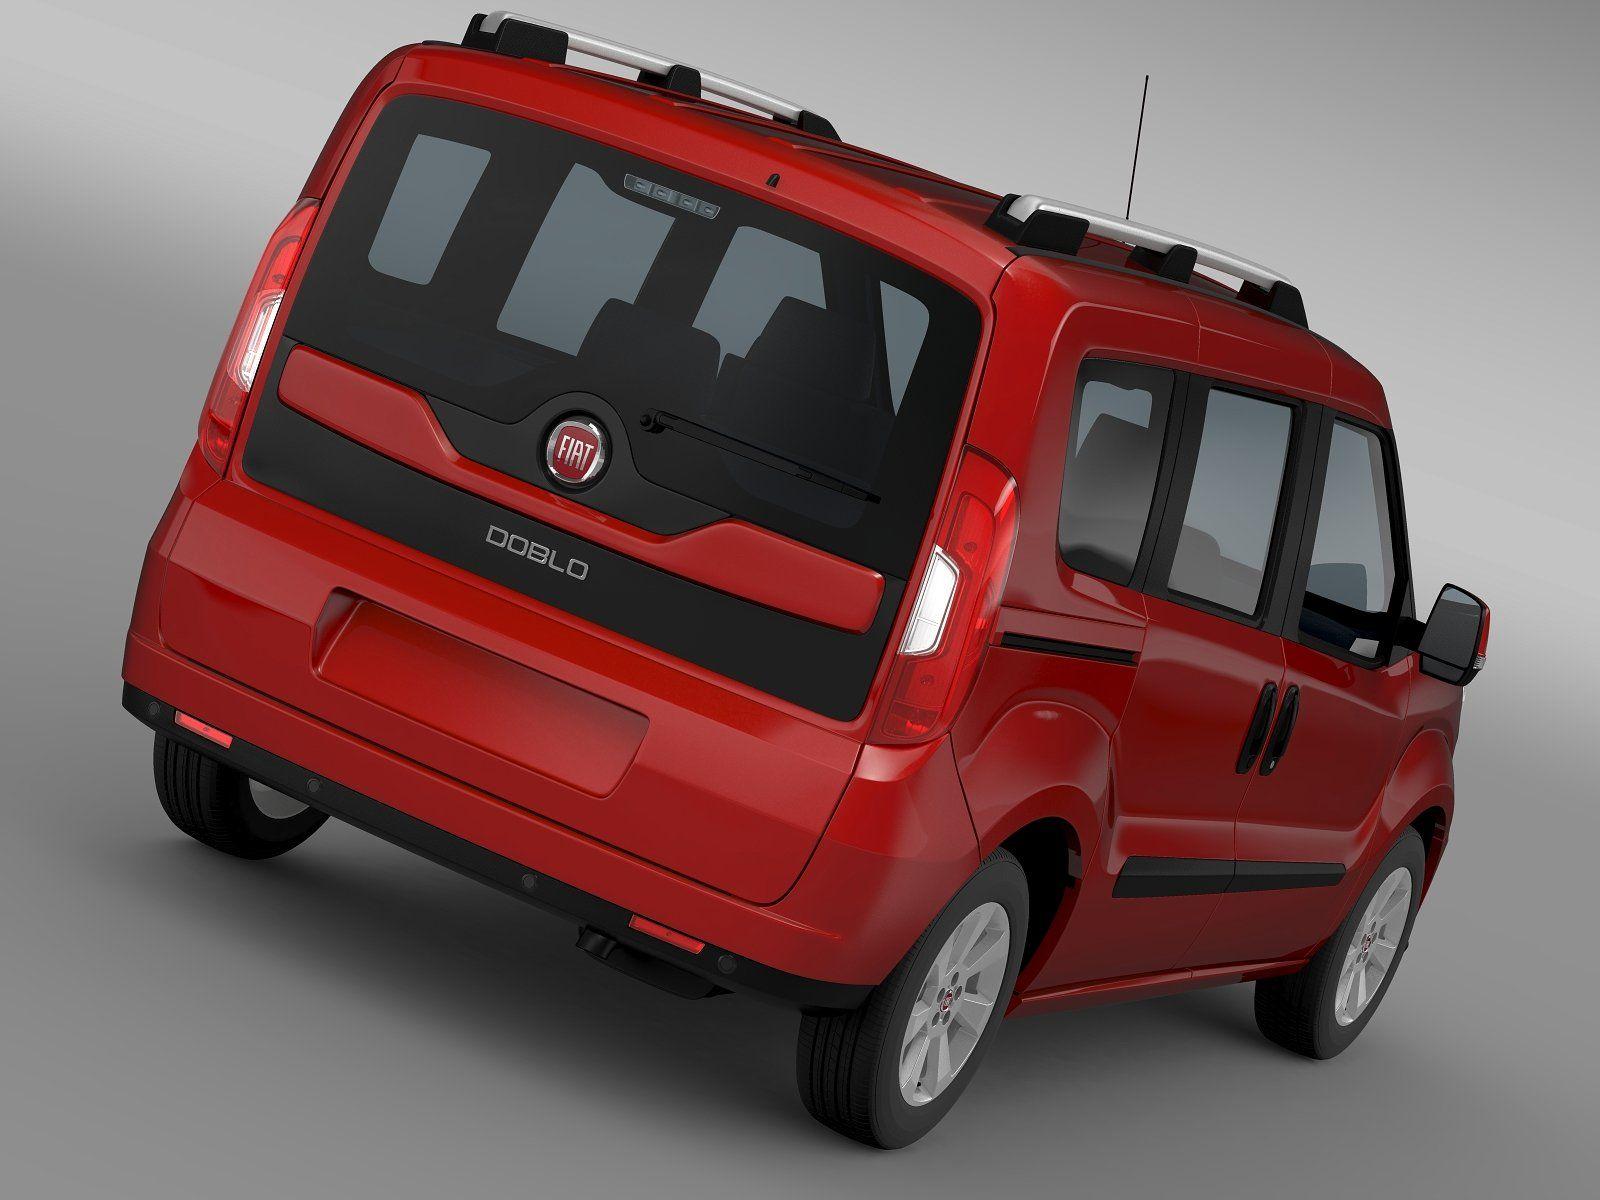 Fiat Doblo 152 2015 Autodesc Maya Model Correctly Vauxhall